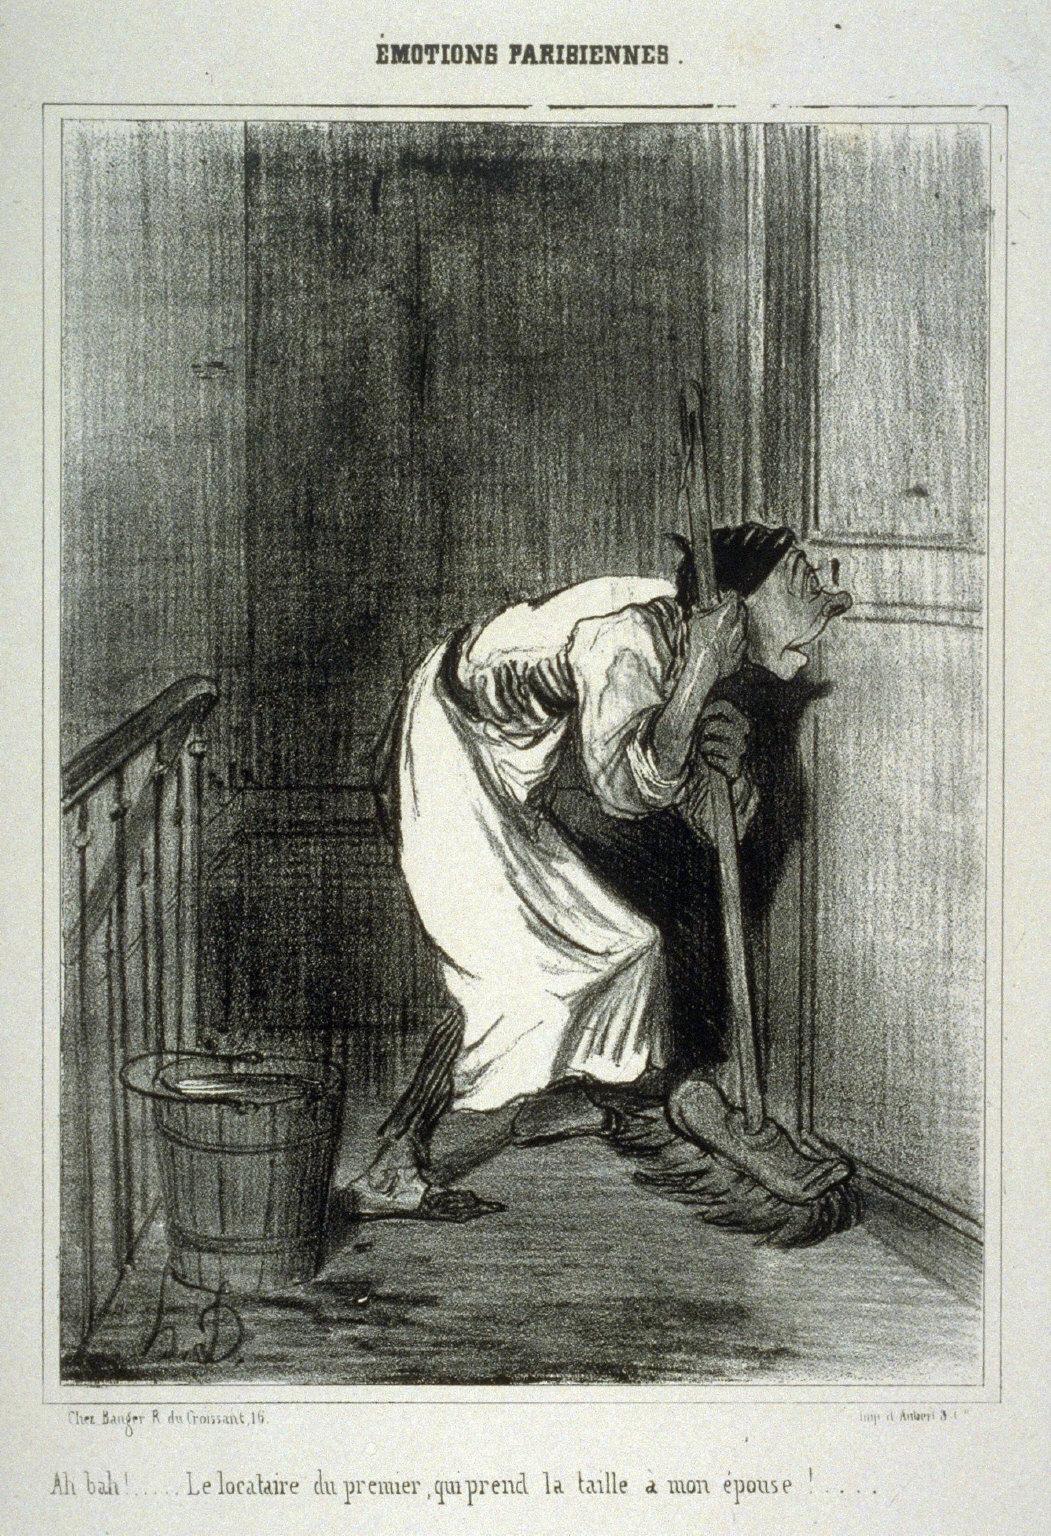 Ah bah! . . .... Le locataire du premier, qui prend la taille … mon 'pouse!..., (no. 20) from the series MOTIONS PARISIENNES., published in Le Charivari 18 December 1839